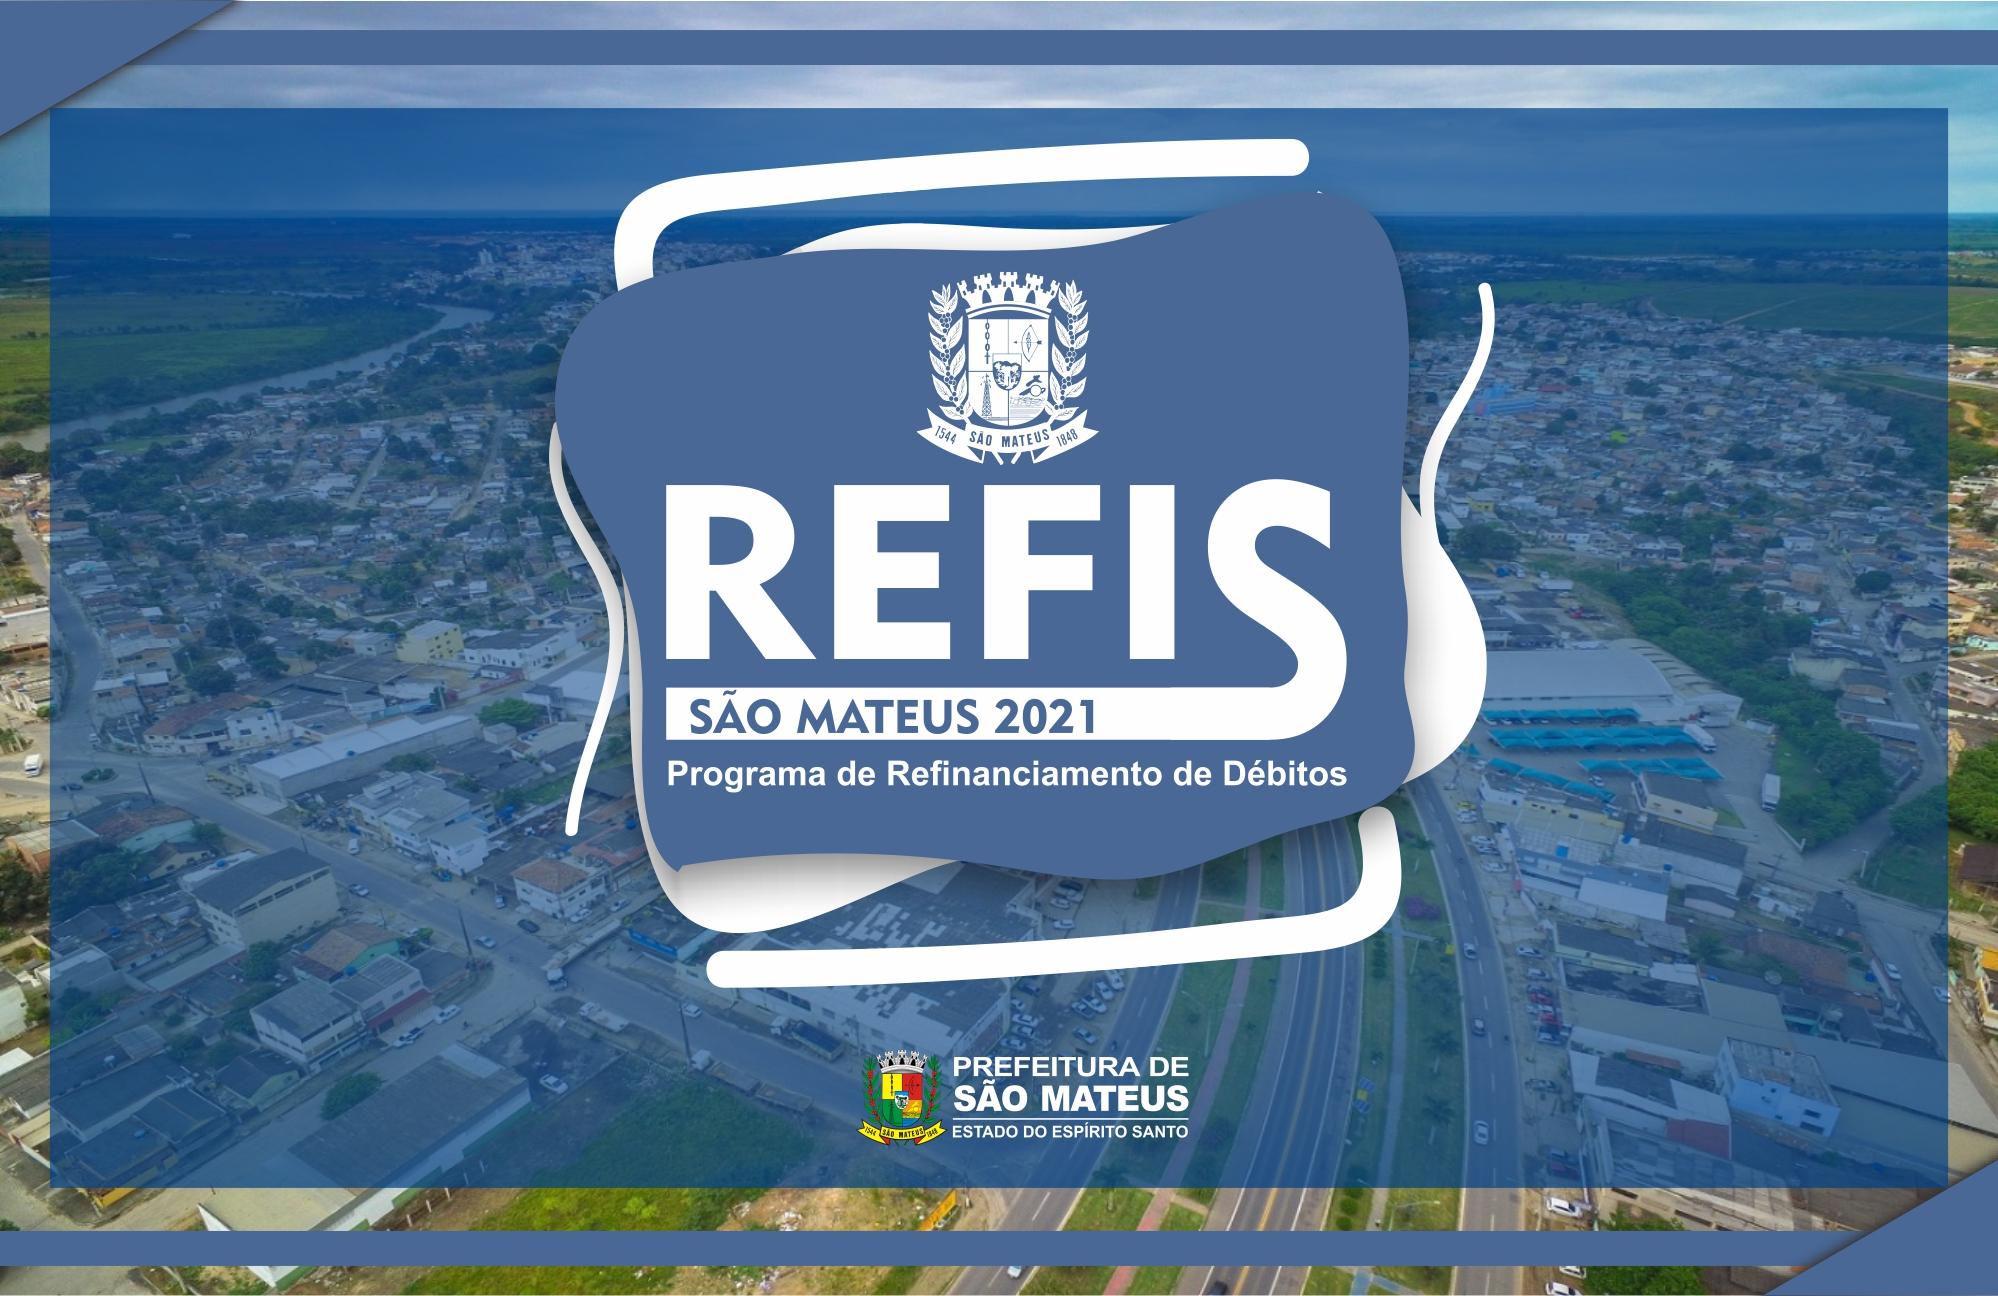 REFIS 2021 POSSIBILITA PAGAMENTO DE DÍVIDAS MUNICIPAIS COM DESCONTO